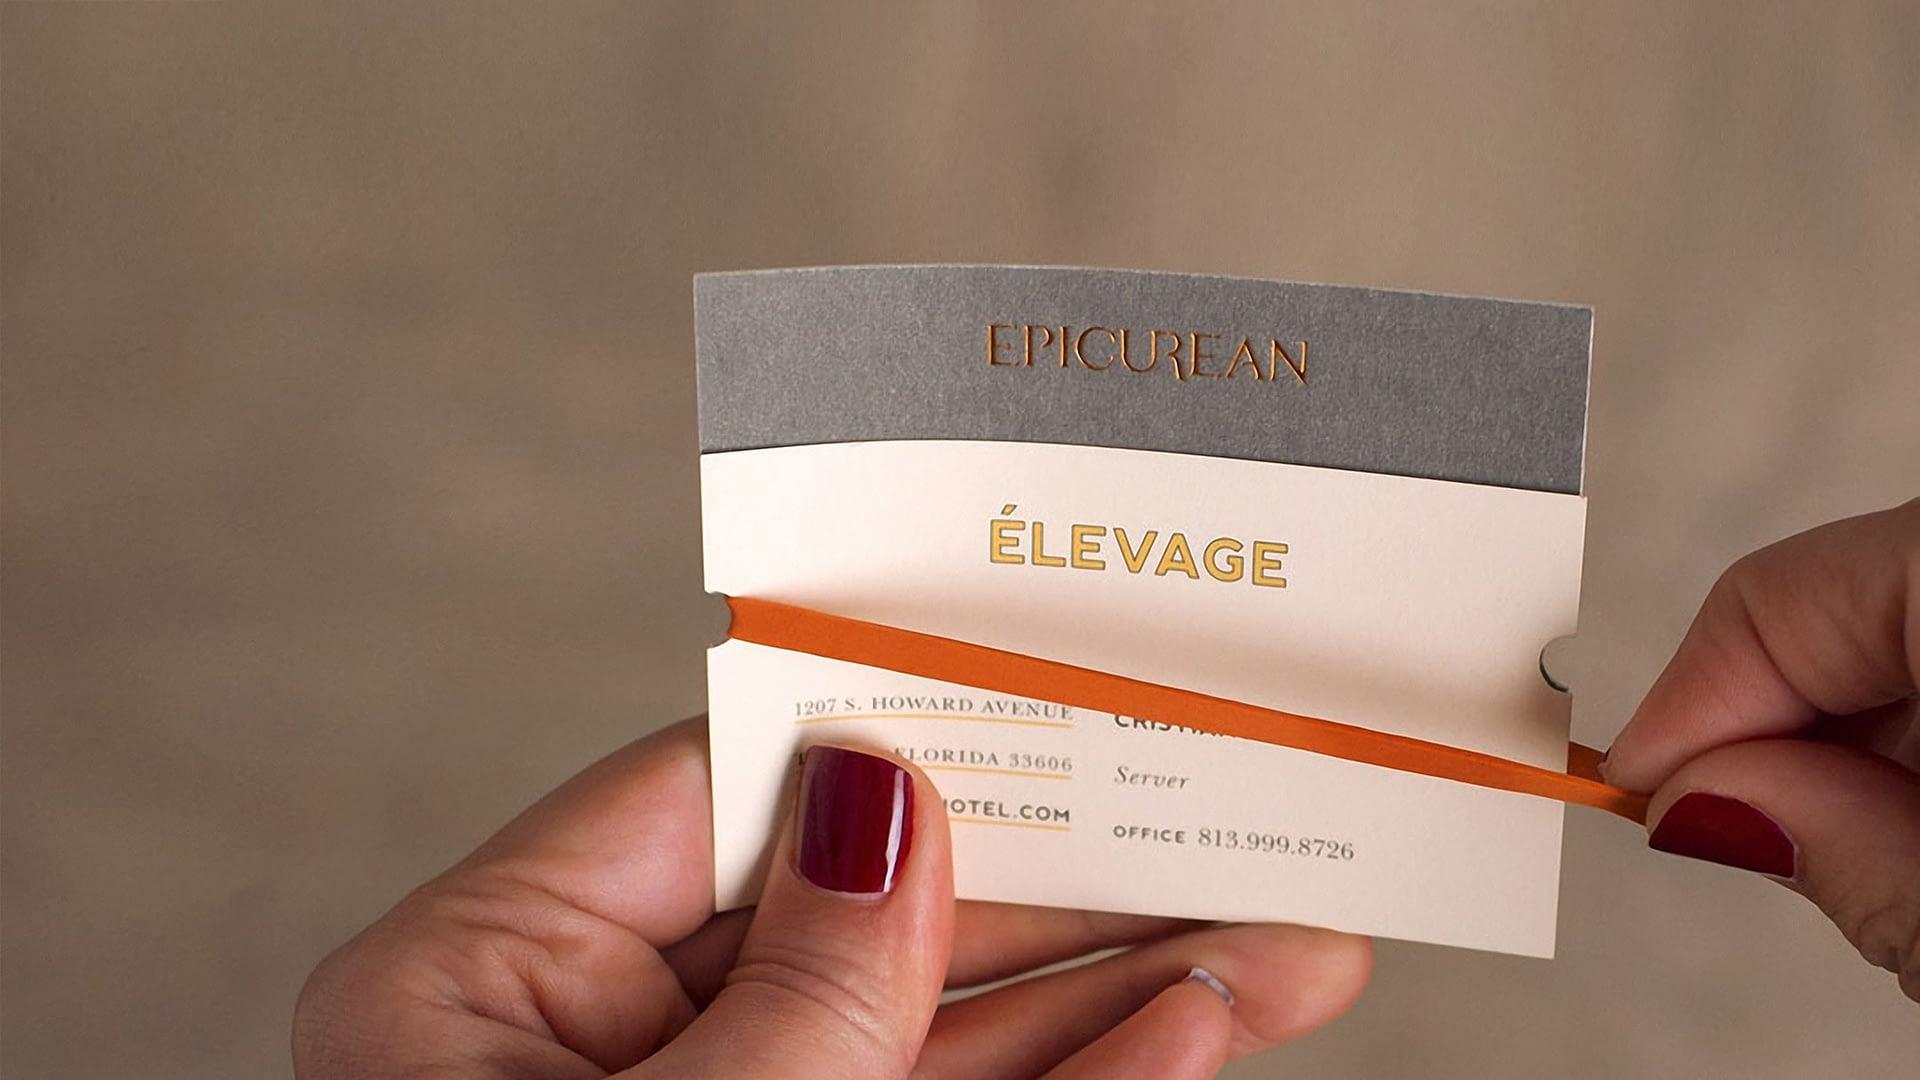 Epicurean Hotel branded business card